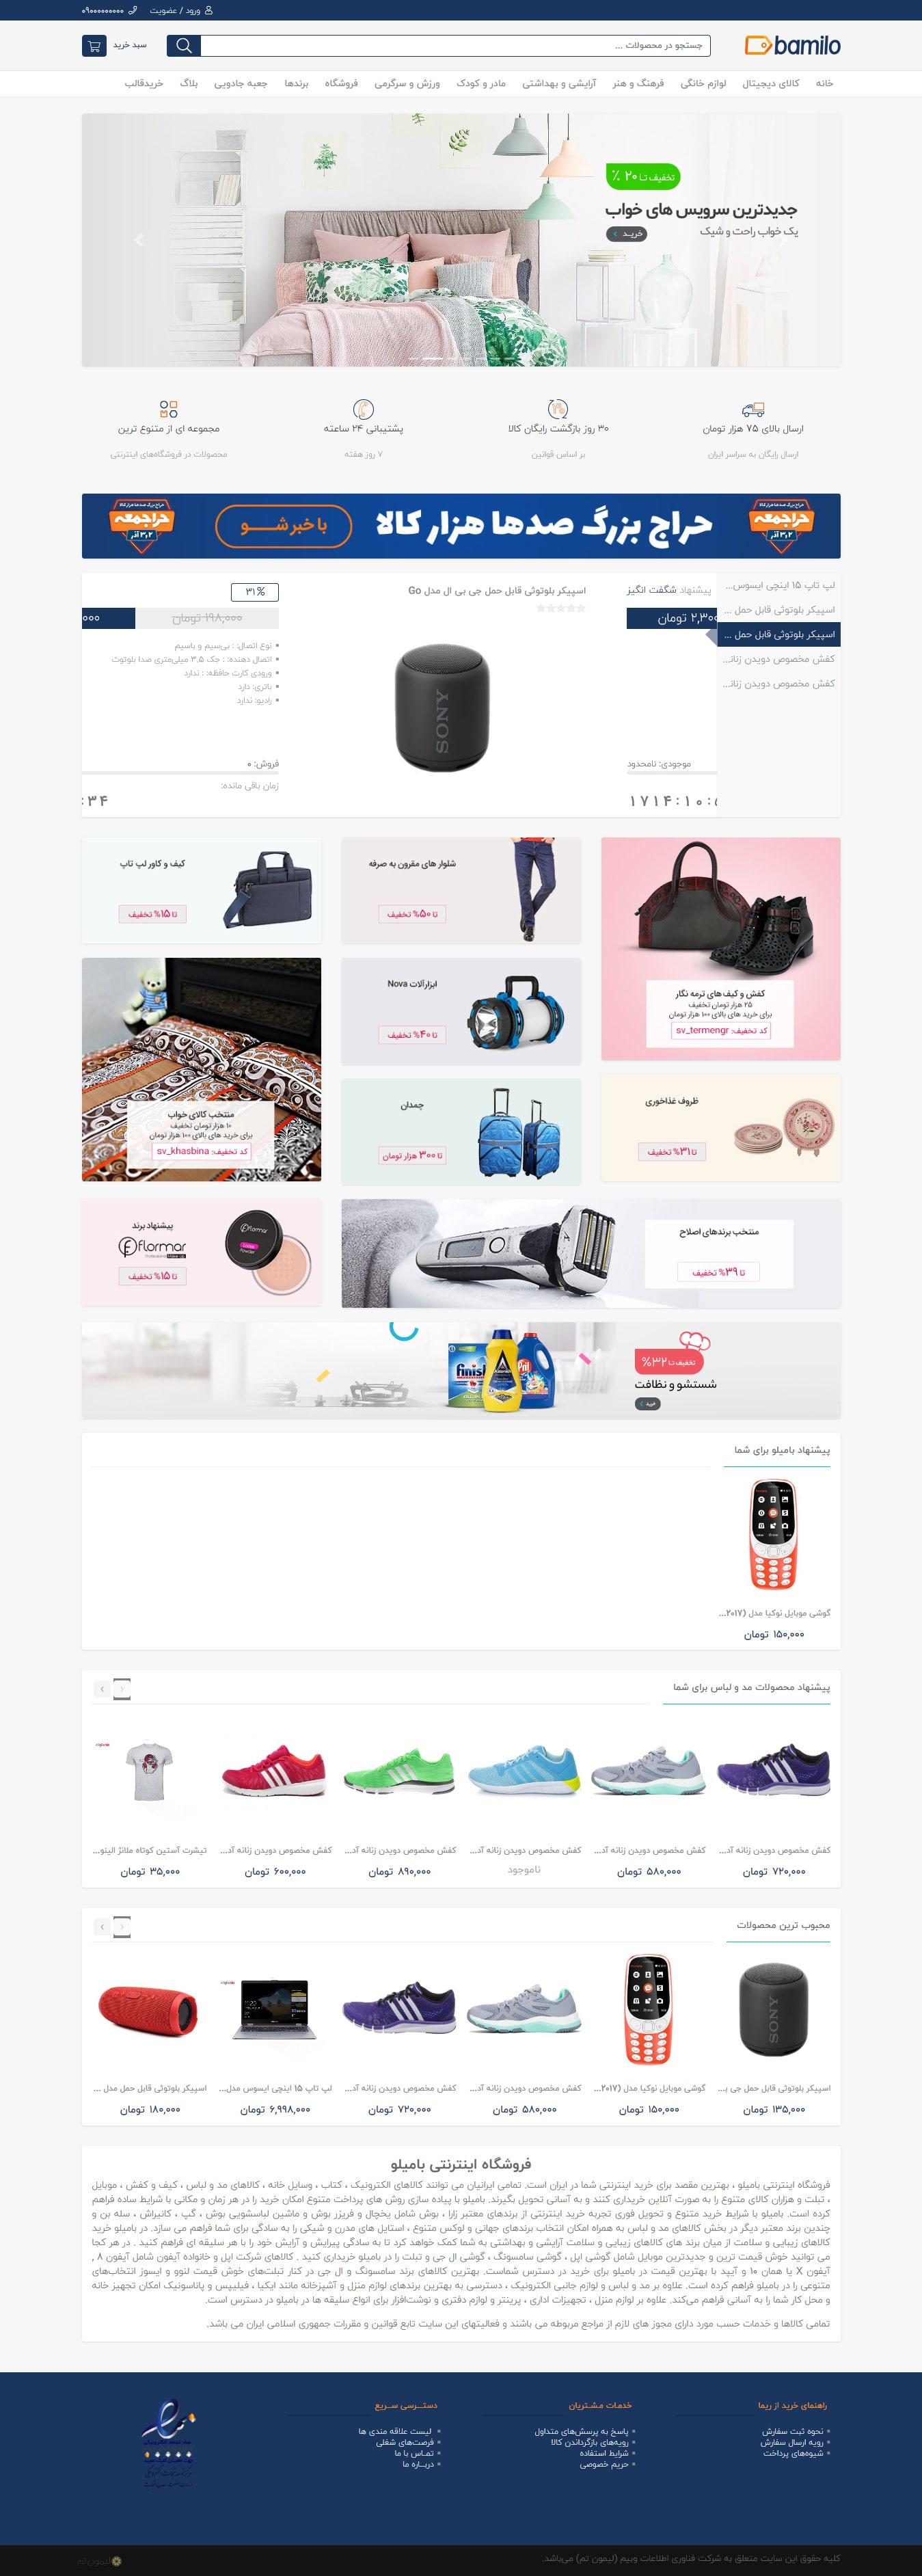 نمونه کار طراحی وب سایت فروشگاهی 3 - مشابه بامیلو